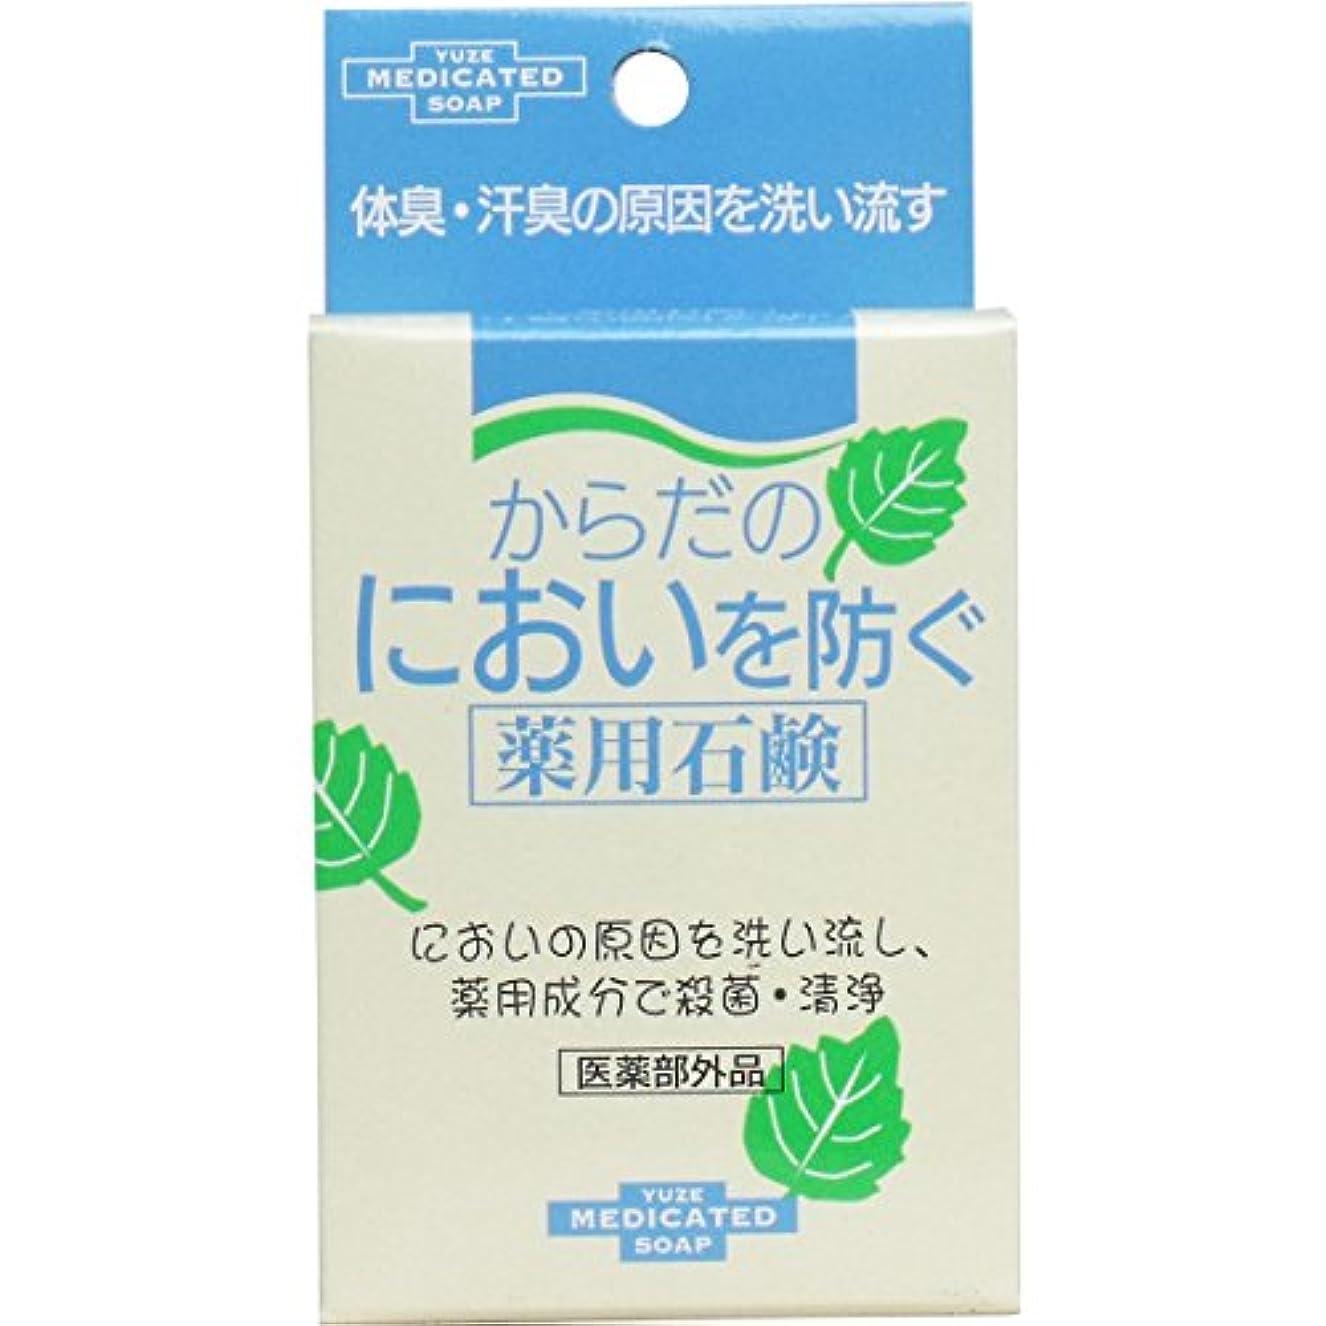 繕うアークビデオ【お徳用 3 セット】 ユゼ からだのにおいを防ぐ薬用石鹸 110g×3セット